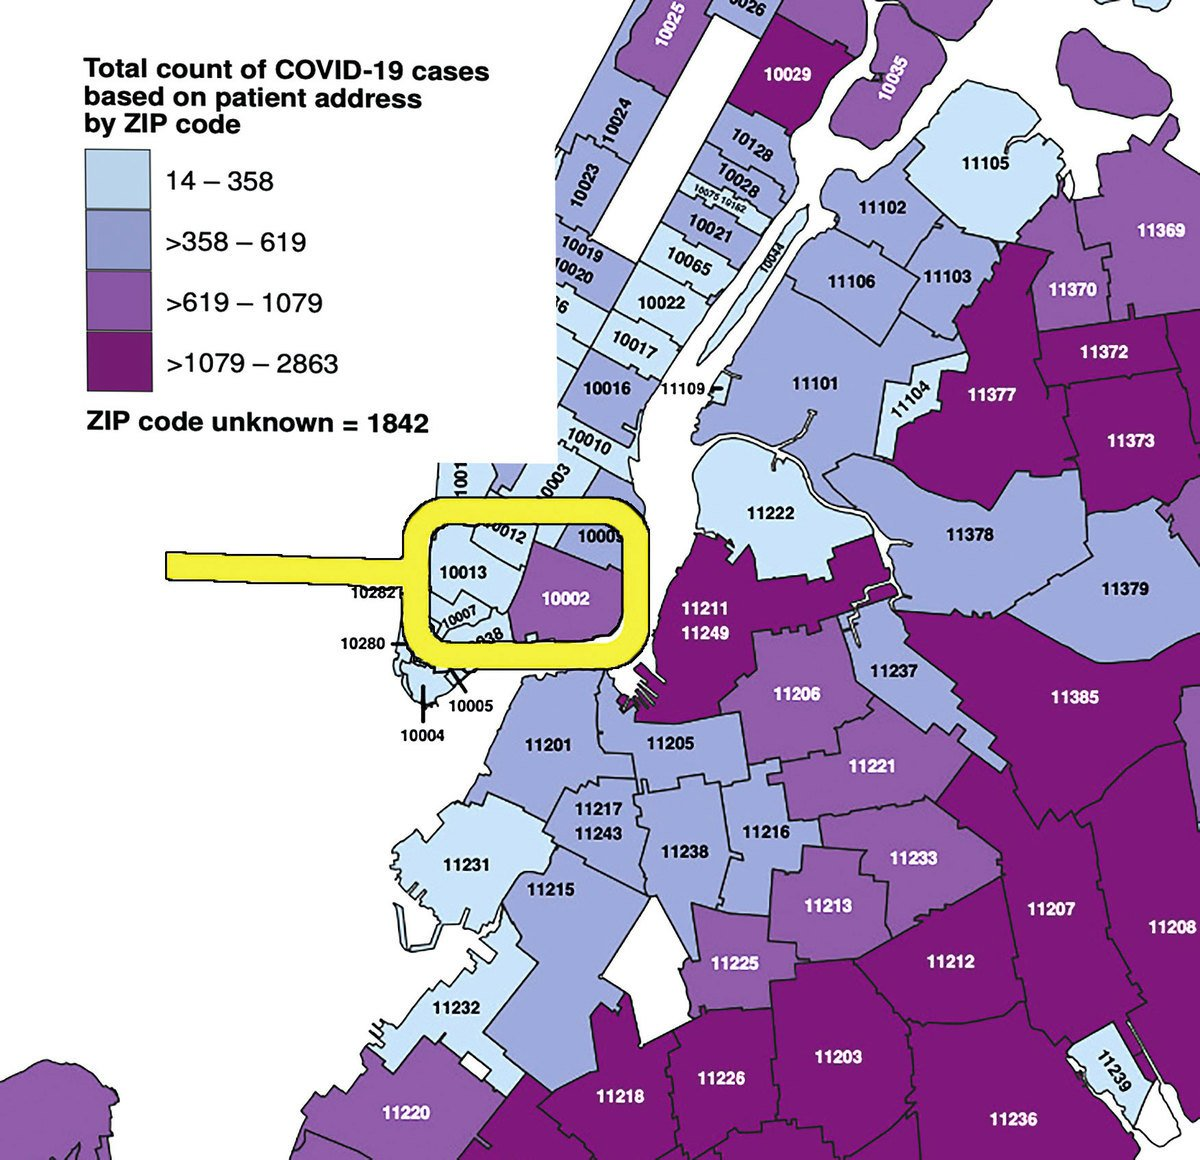 4月20日紐約市疫情圖。傳統僑社所在10013郵編和福建同鄉會等親共僑社所在10002郵編疫情落差甚大。(紐約市衛生局網站)